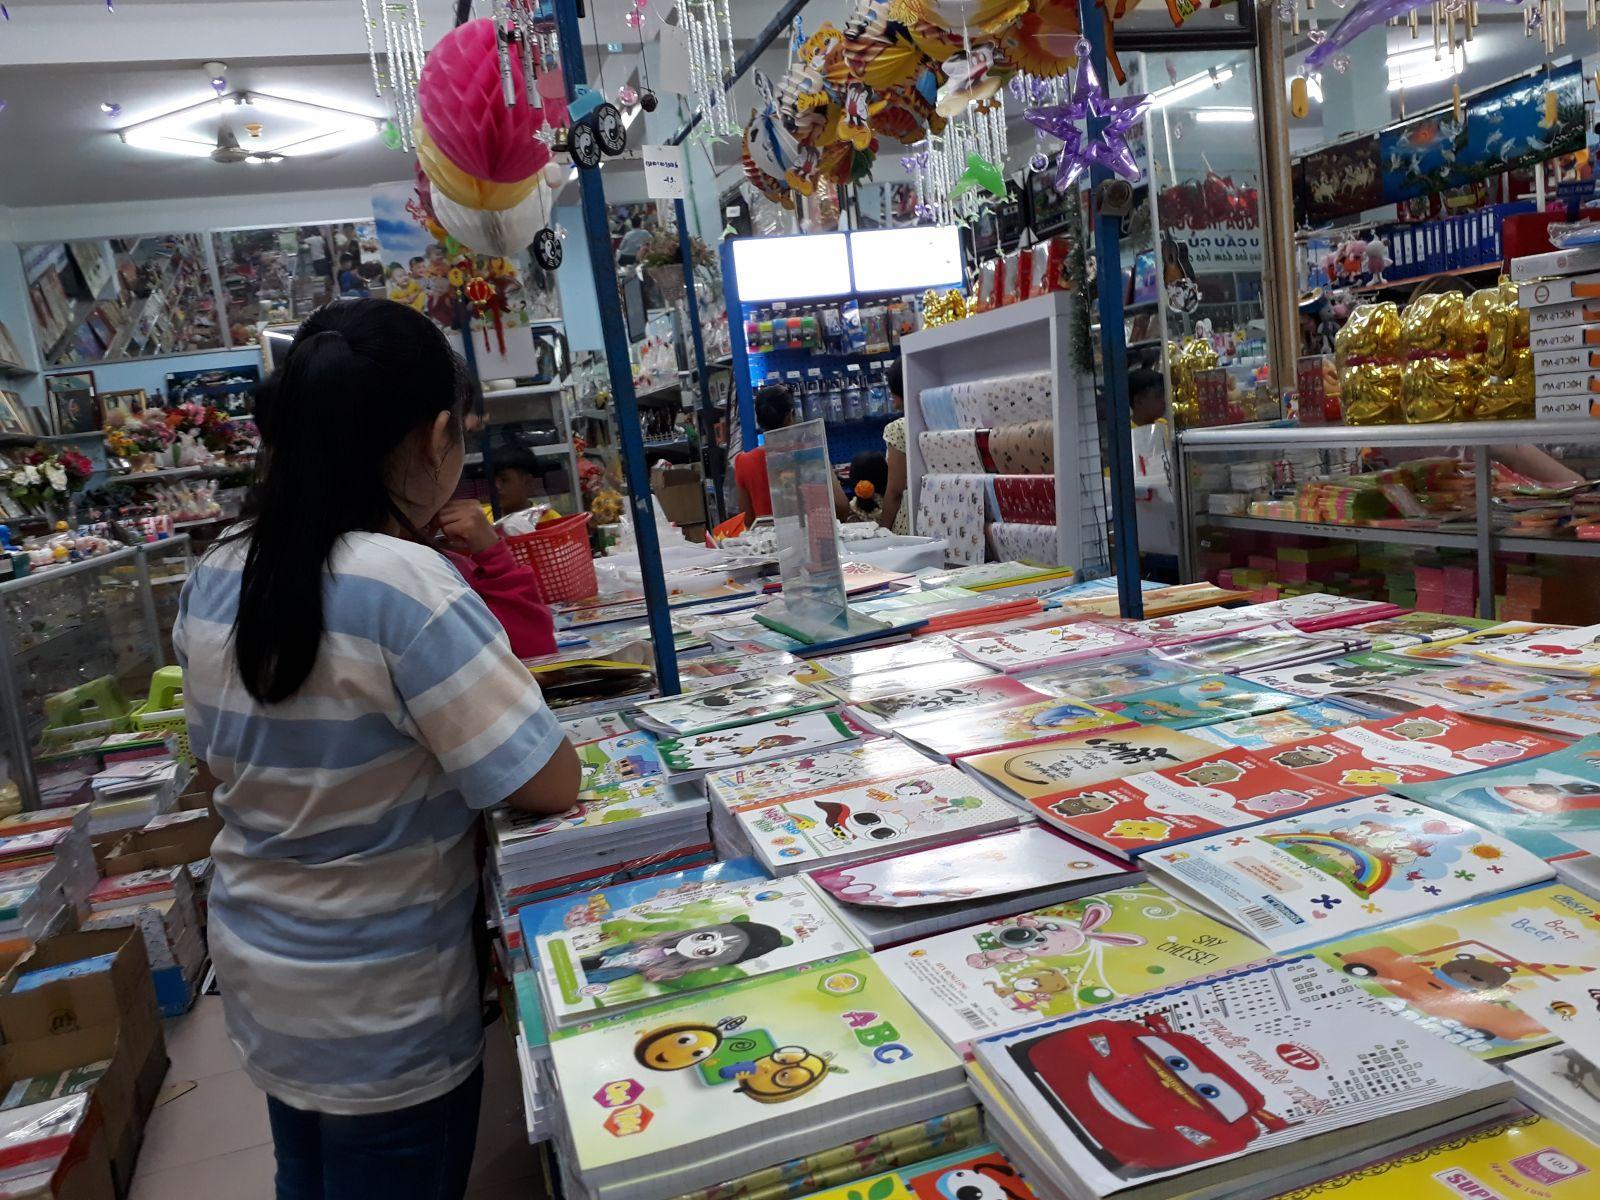 Mua sắm sách, vở, dụng cụ học tập cho con vào năm học mới là nỗi lo của công nhân, lao động nghèo